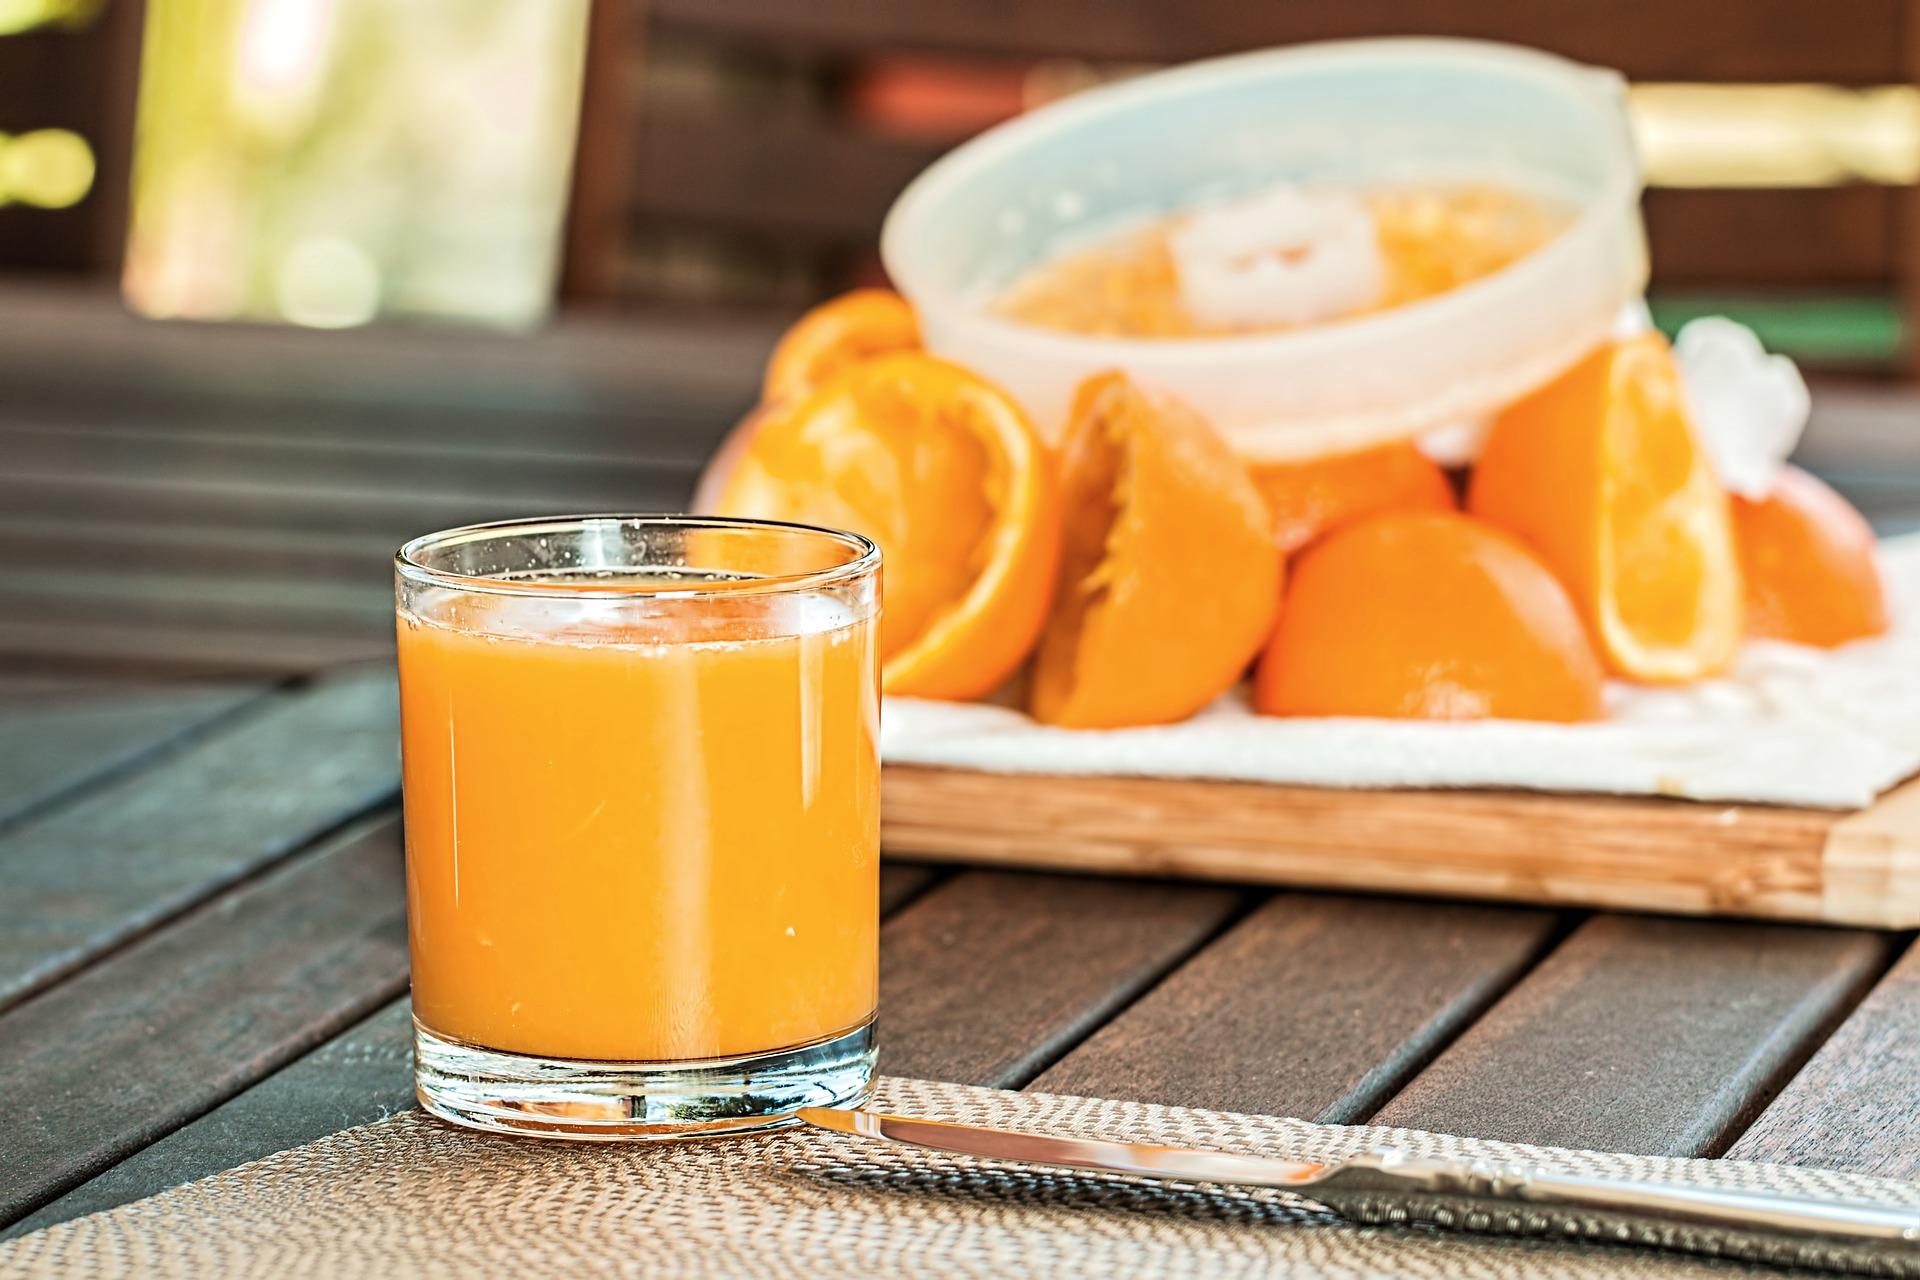 fresh-orange-juice-1614822_1920.jpg